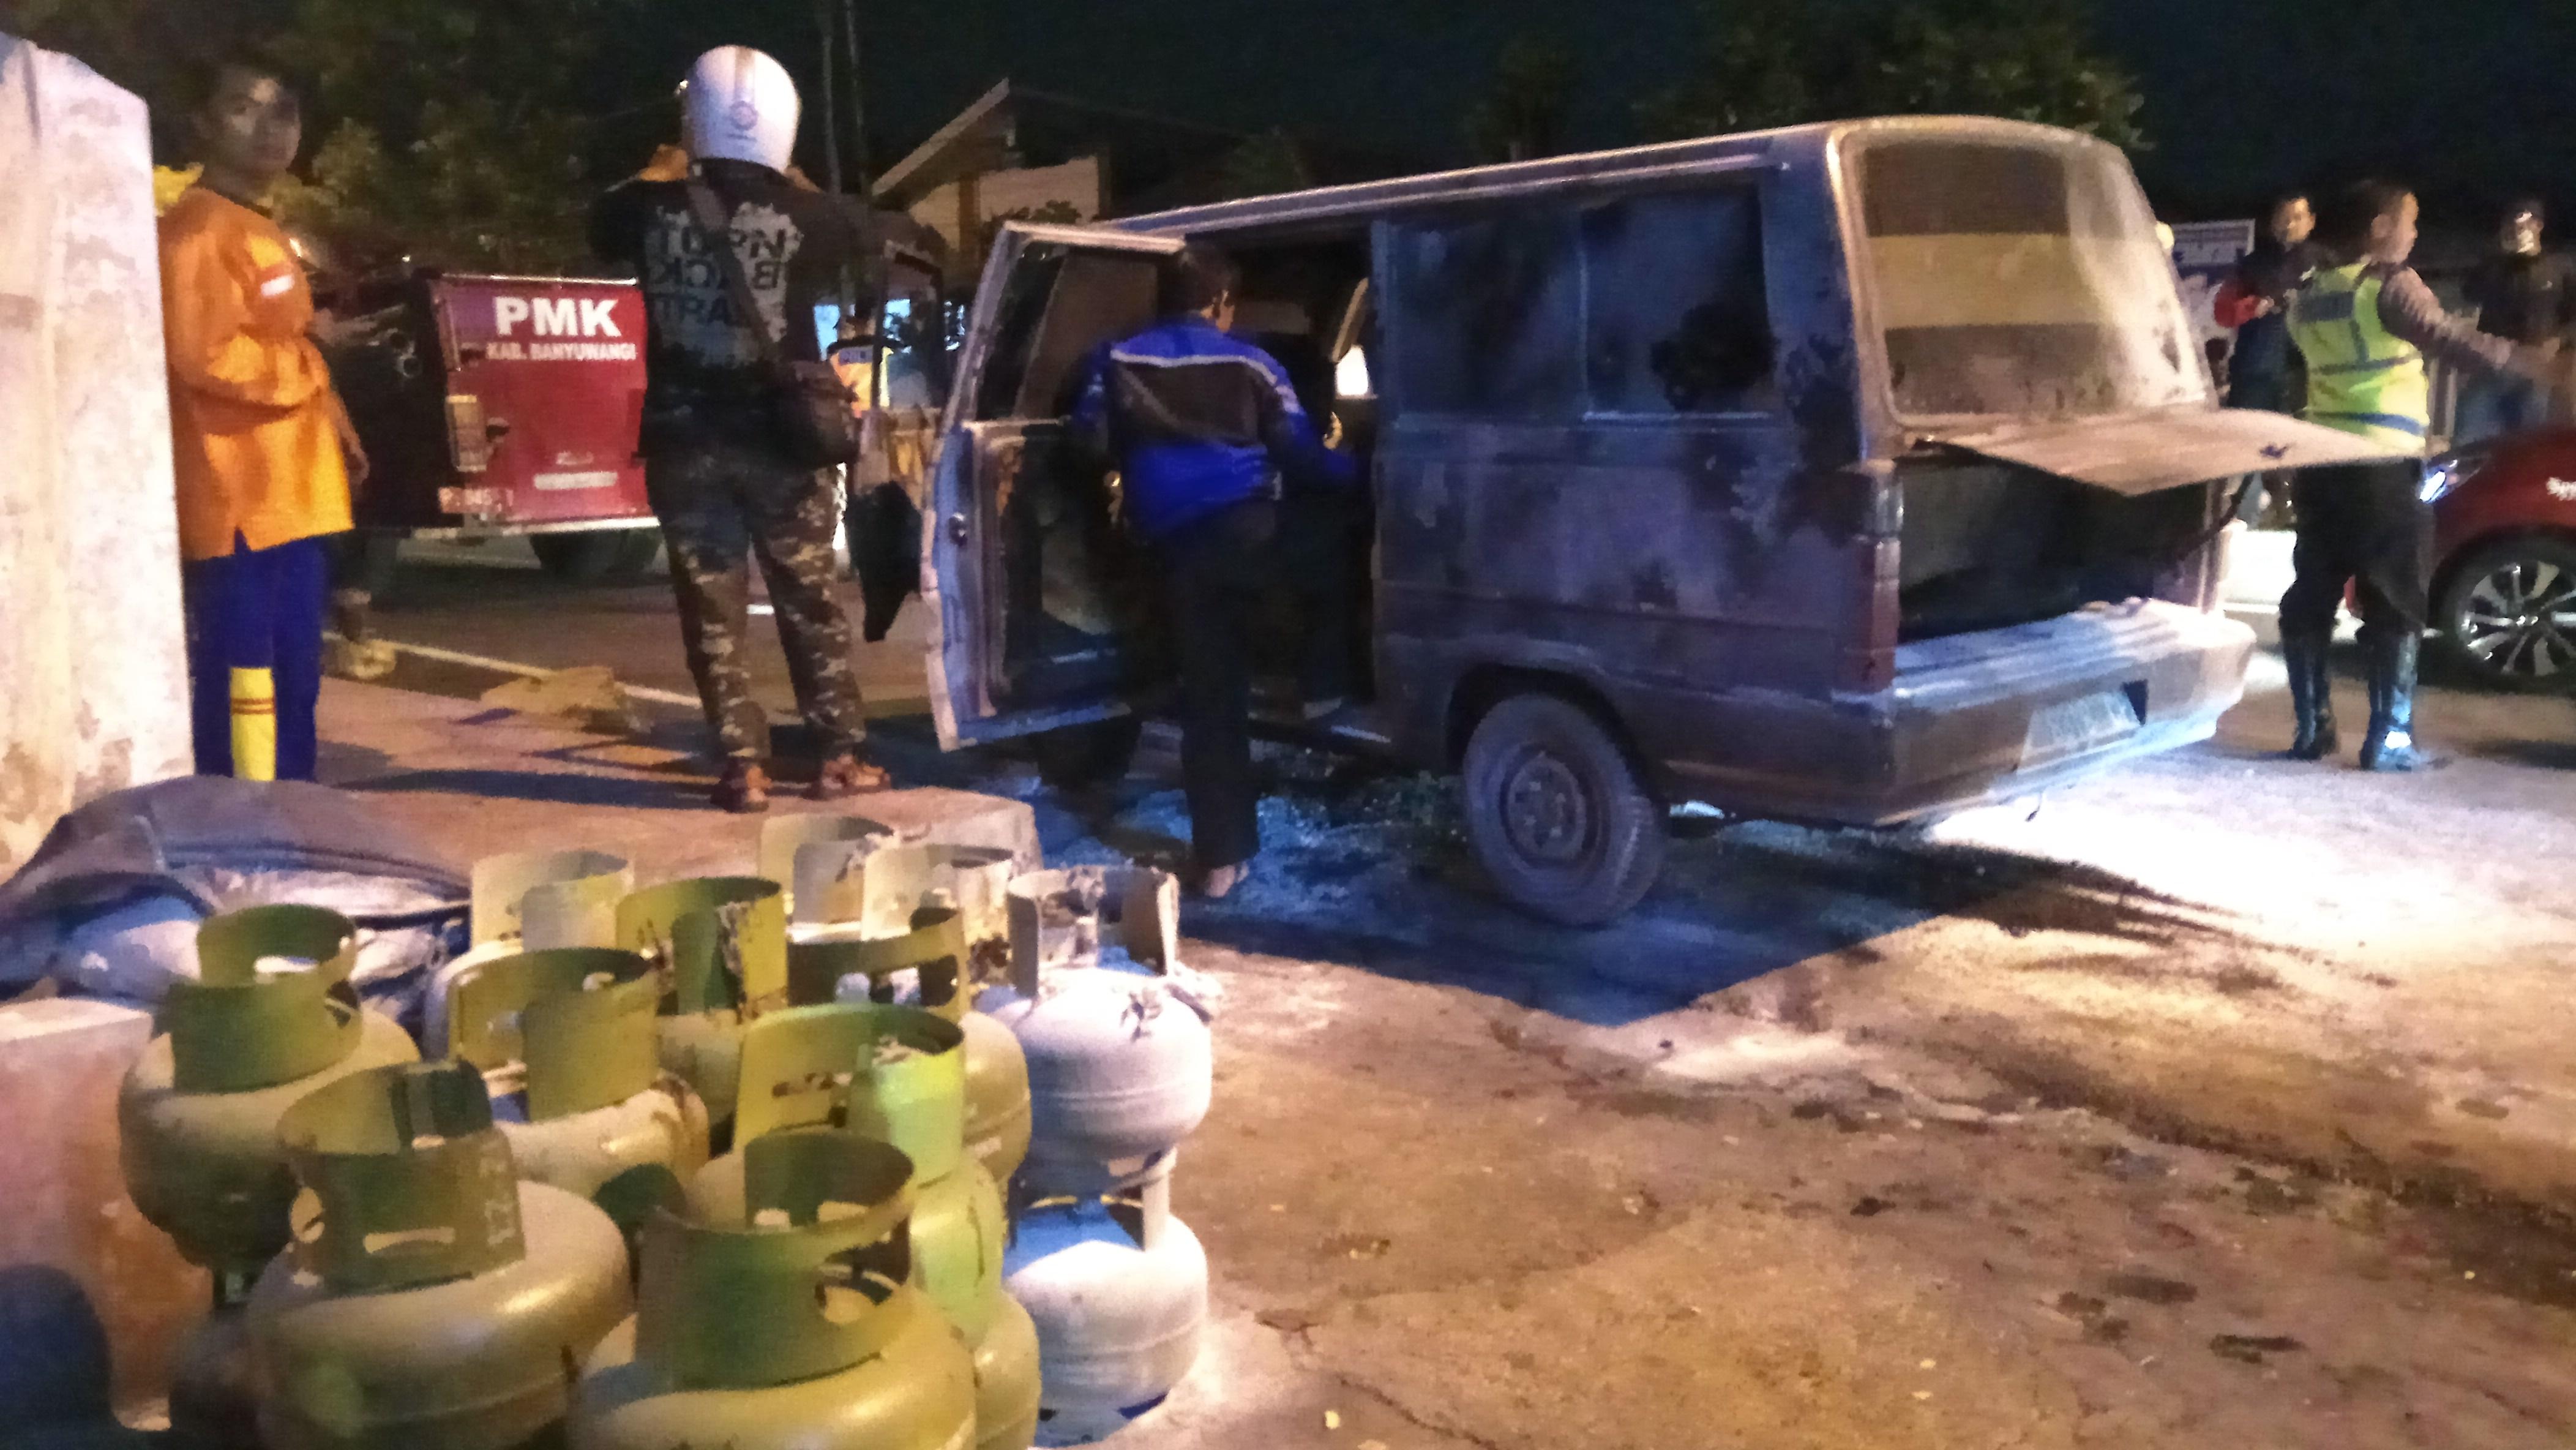 Petugas memeriksa mobil  carry yang terbakar dan tumpukan gas elpiji 3 kg yang sudah dikeluarkan dari mobil